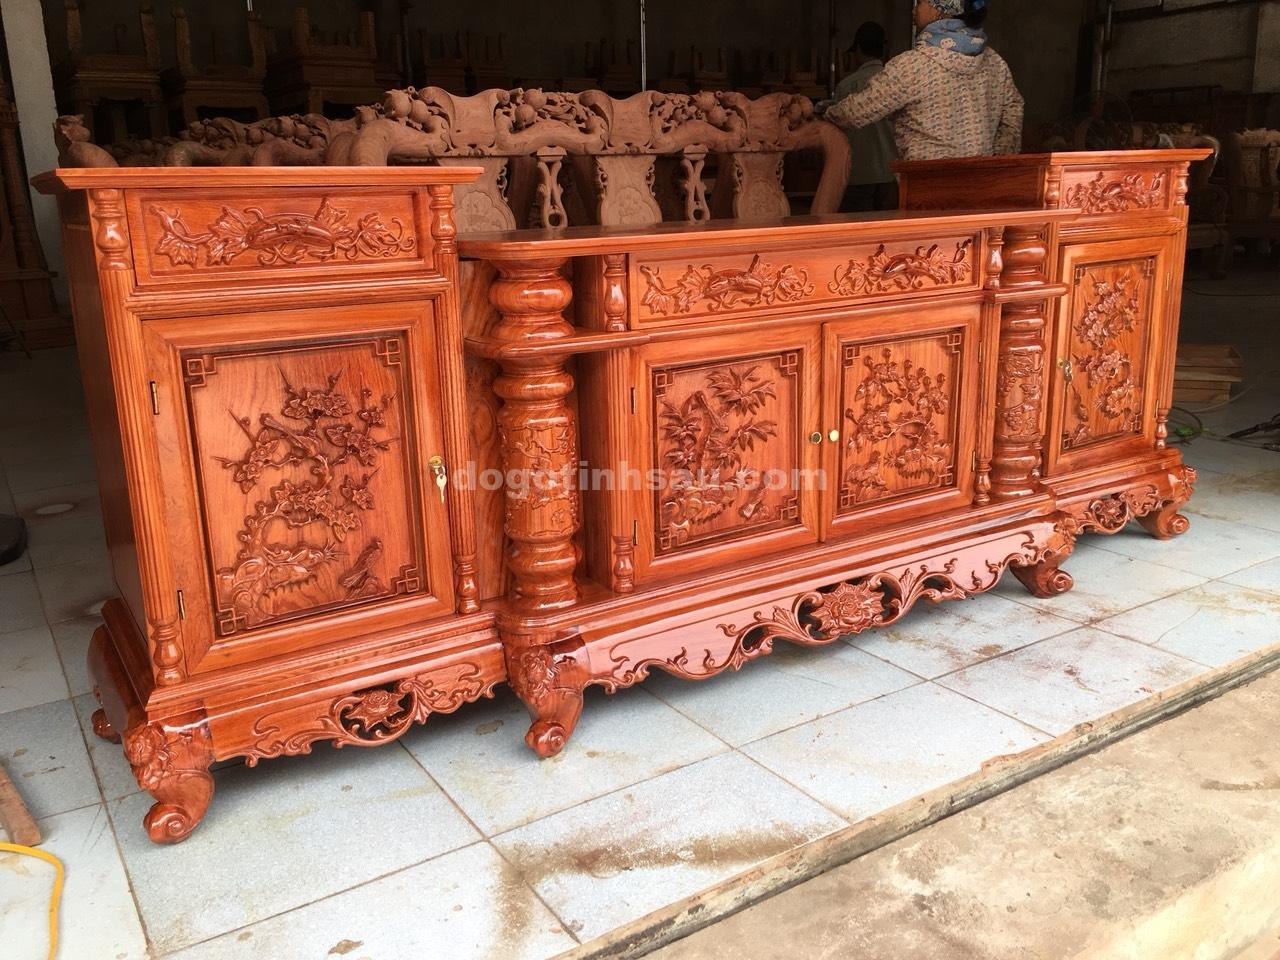 ke tivi cot nho go huong da dai 2m2 2 - Kệ tivi cột nho gỗ hương đá dài 2m2 (cánh dày 2.5 phân)